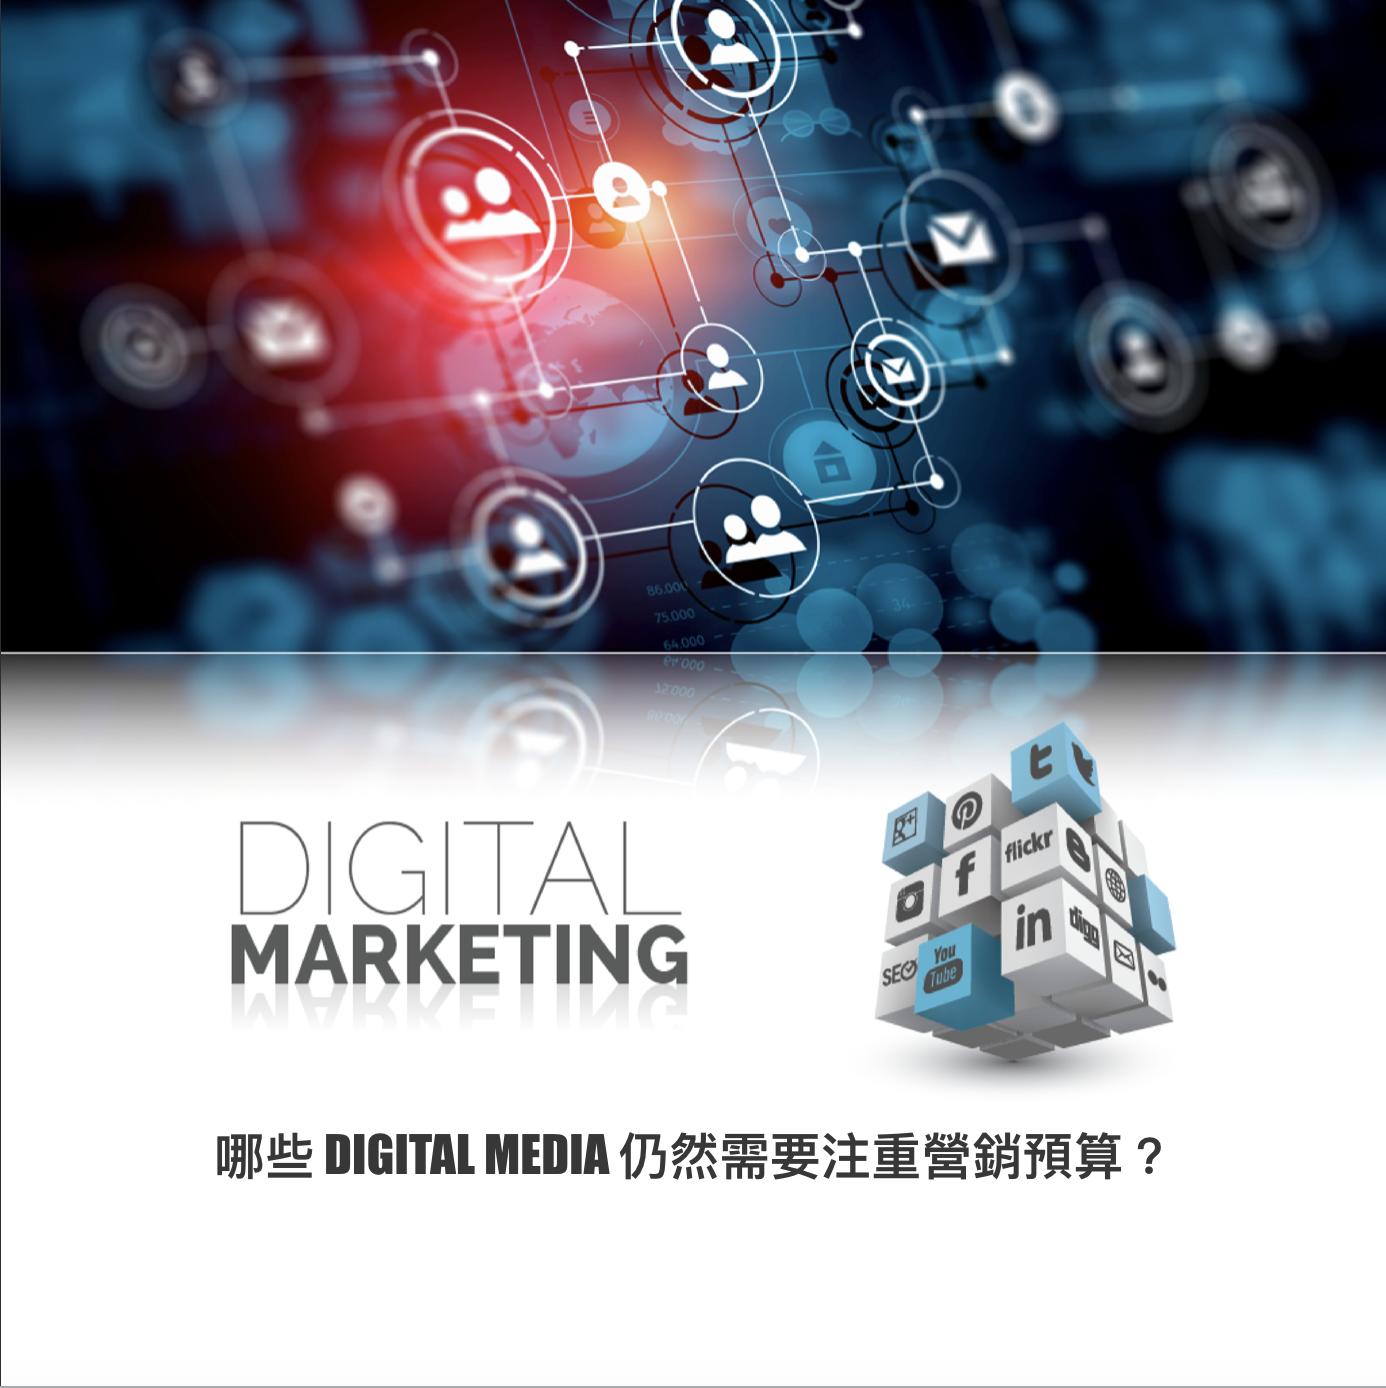 哪些Digital Media 仍然需要注重营销预算?